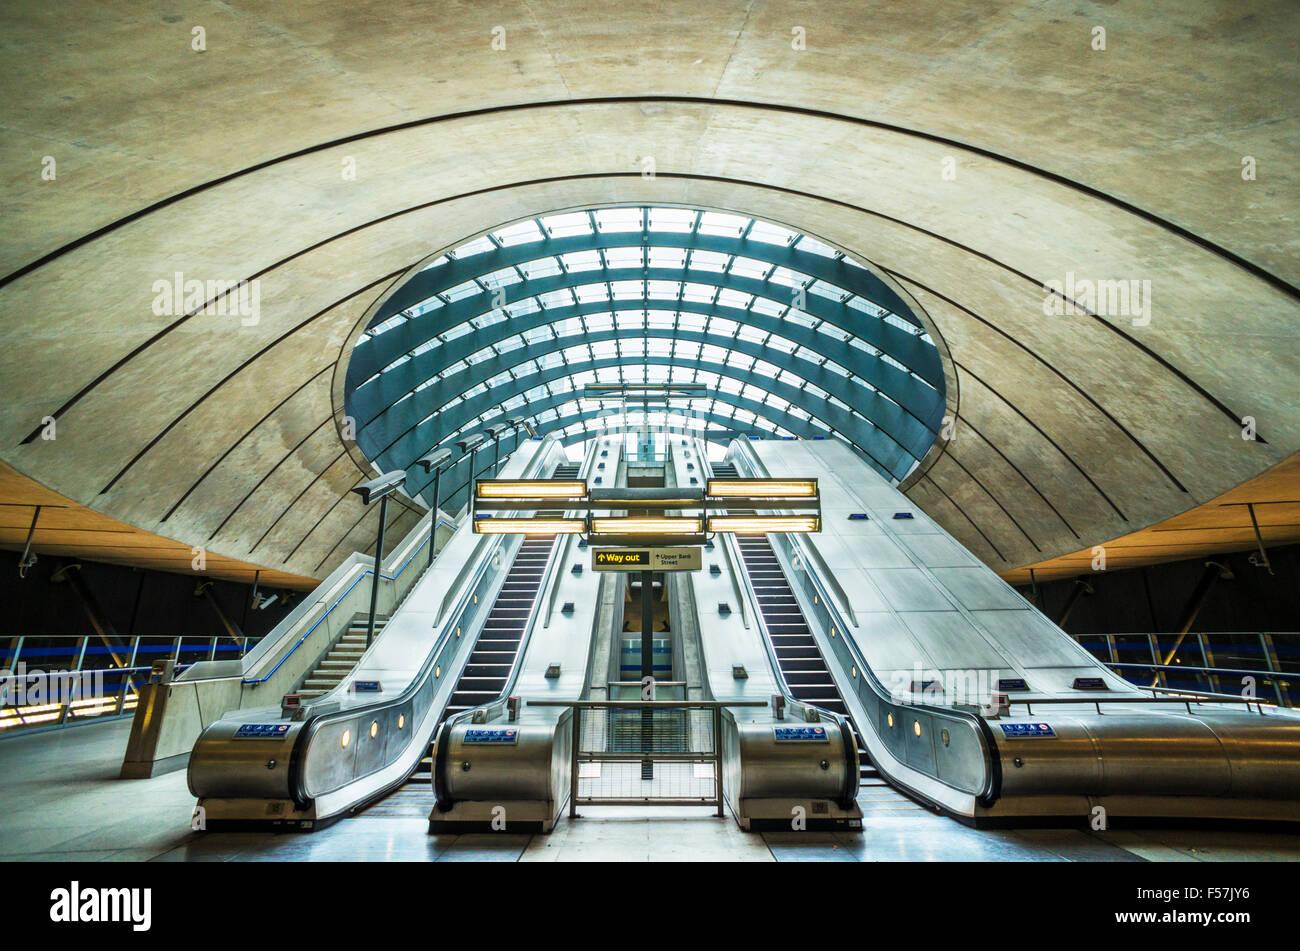 Canary wharf underground station entrance with escalators London England UK Gb EU Europe - Stock Image